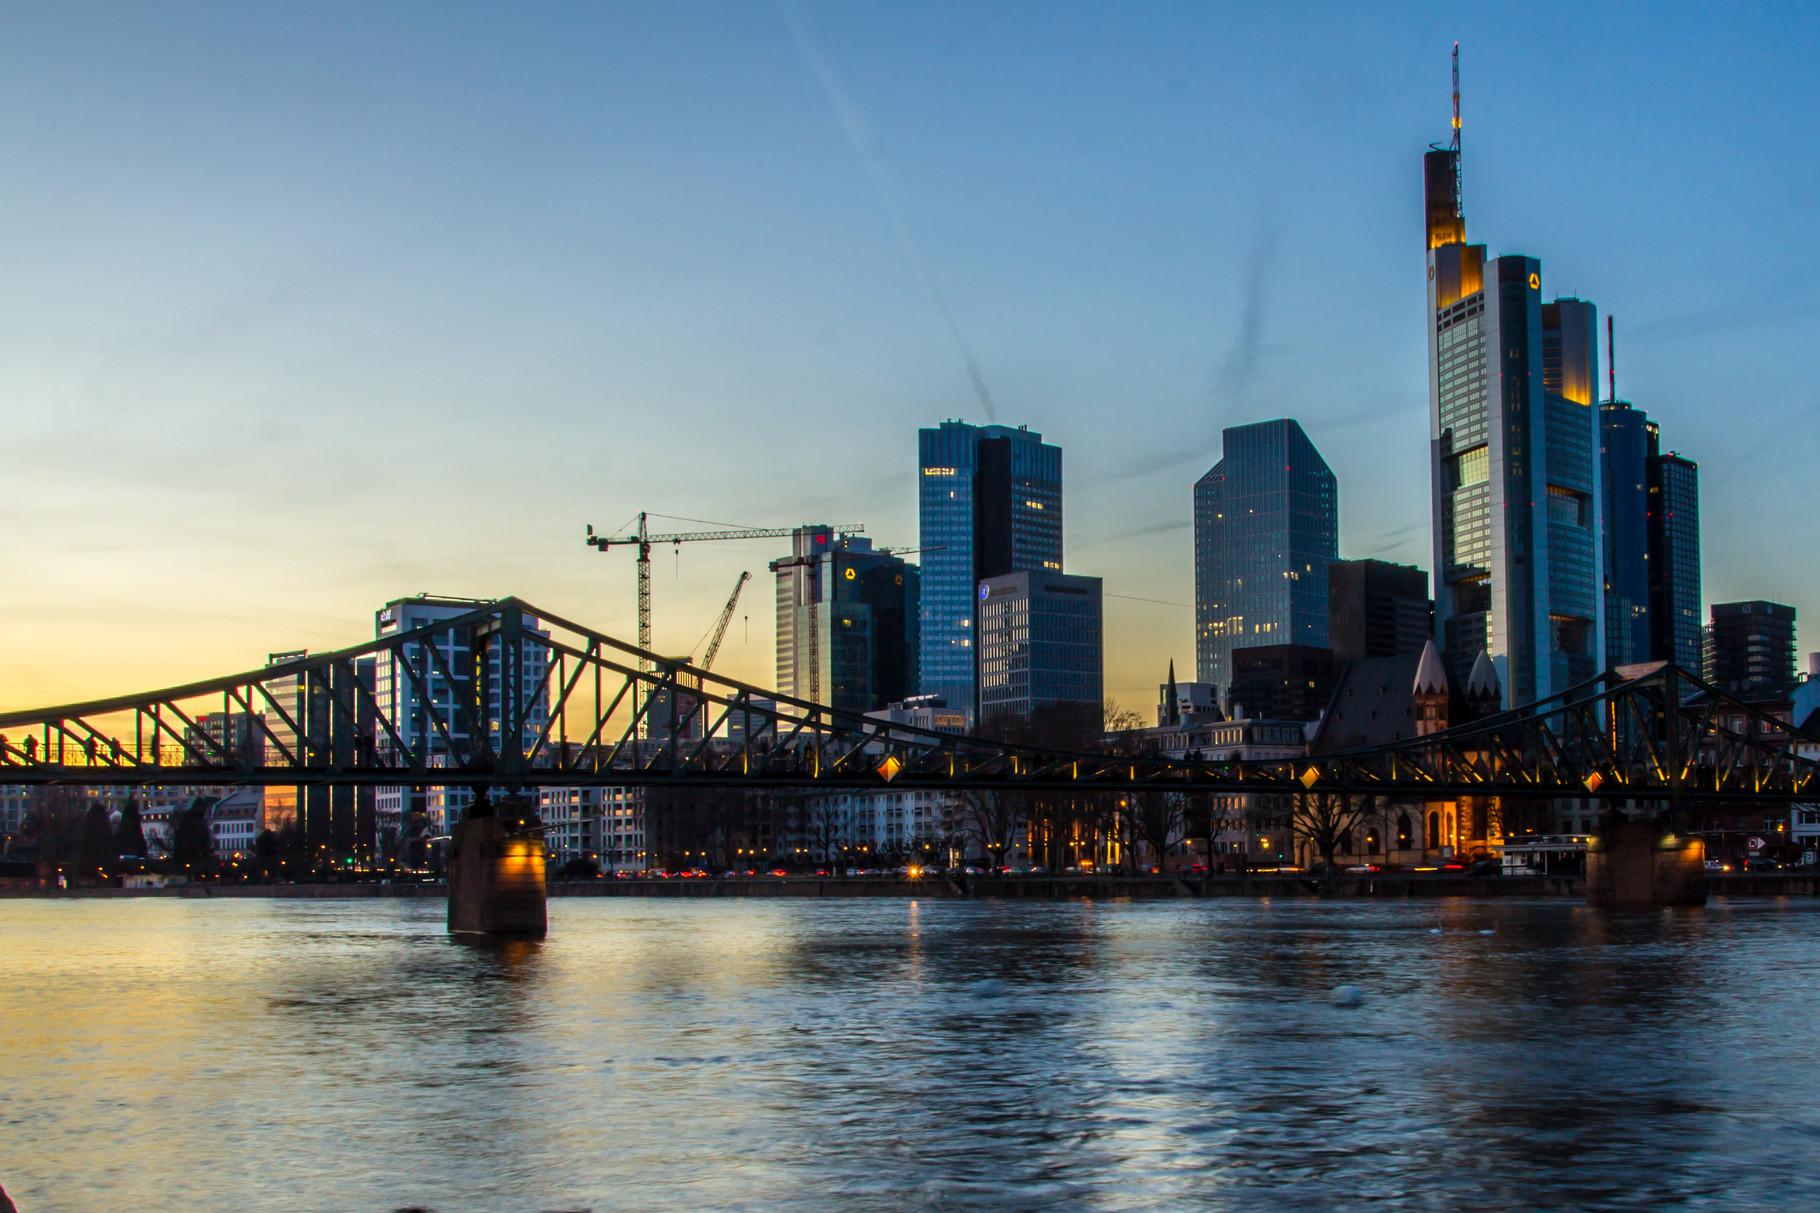 01_Frankfurt am Main - Blick über den Eisernen Steg auf die Skyline